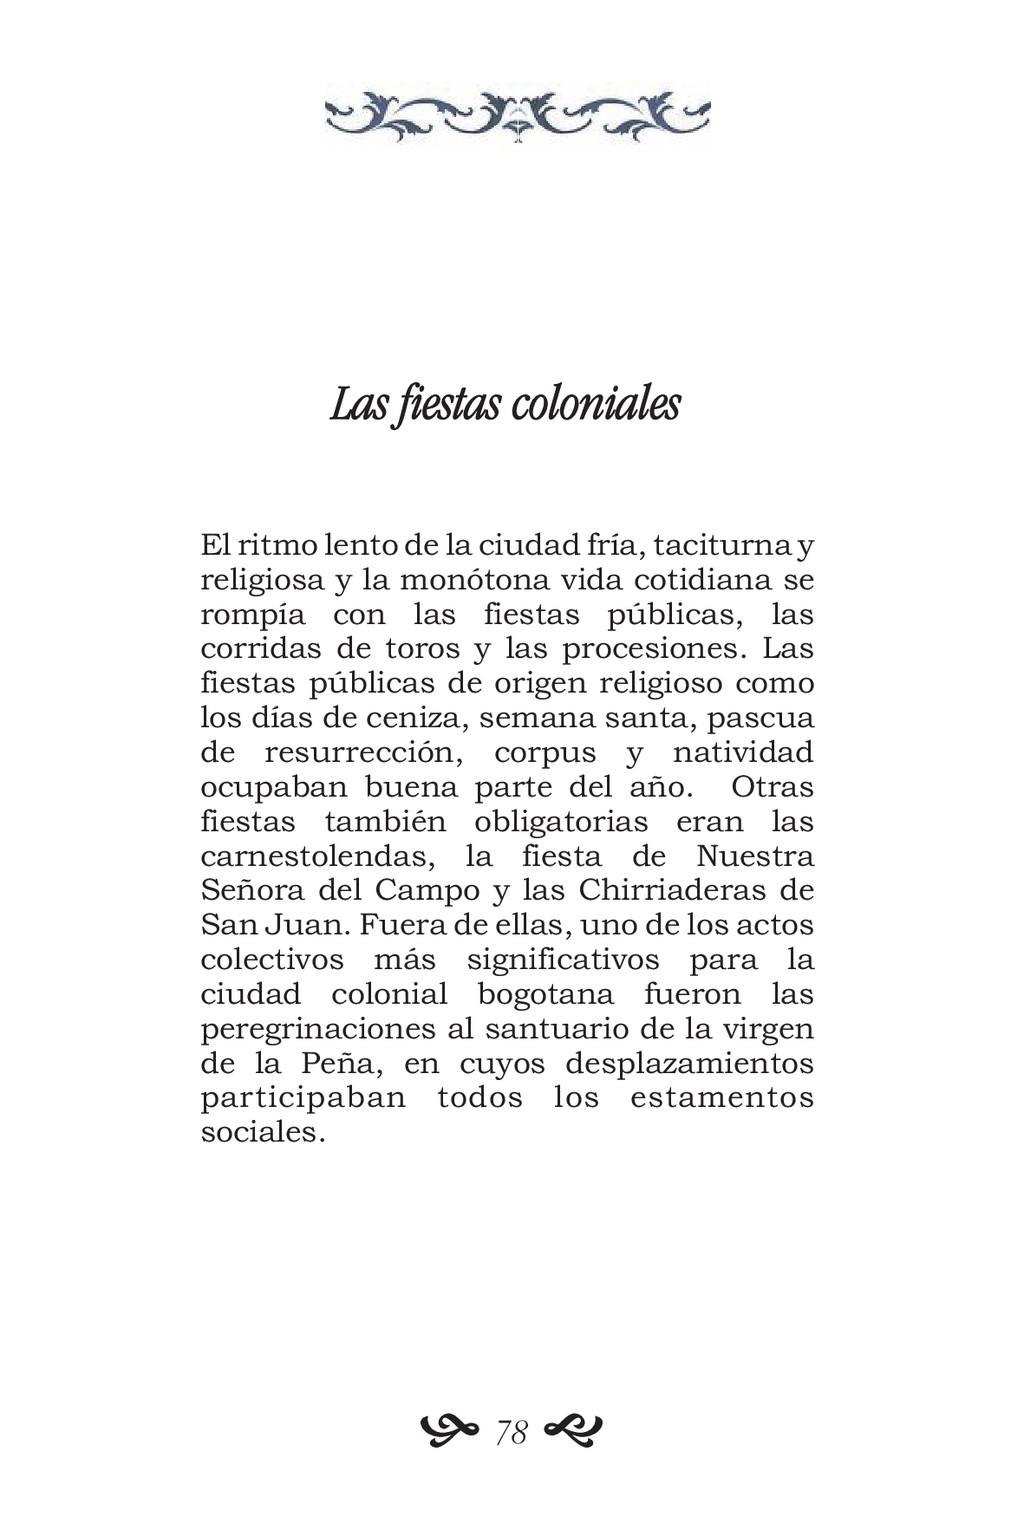 Las fiestas coloniales El ritmo lento de la ciu...